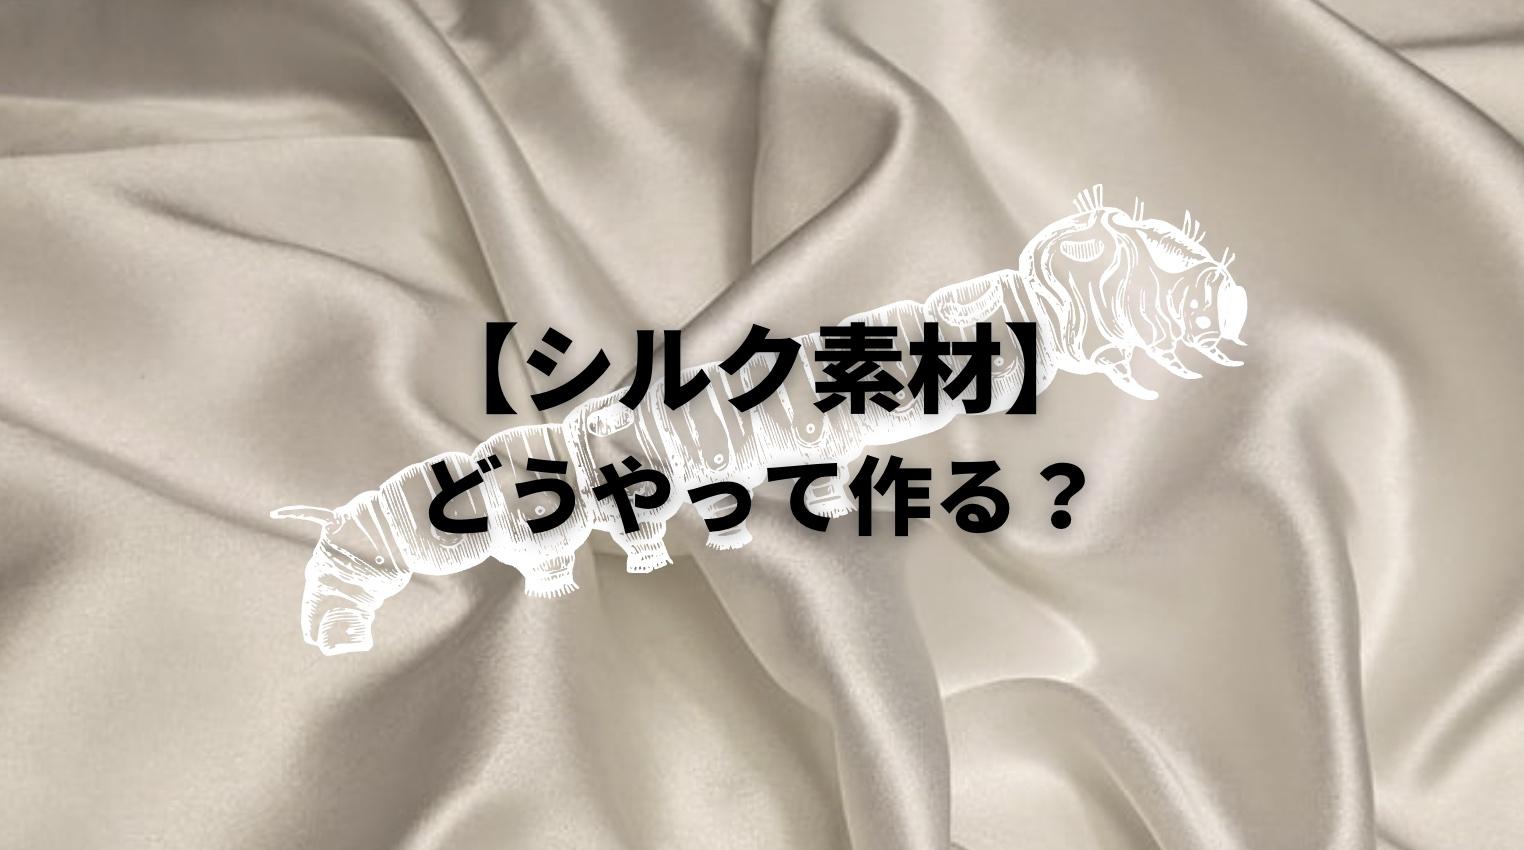 シルク素材どうやって作る?のアイキャッチ画像